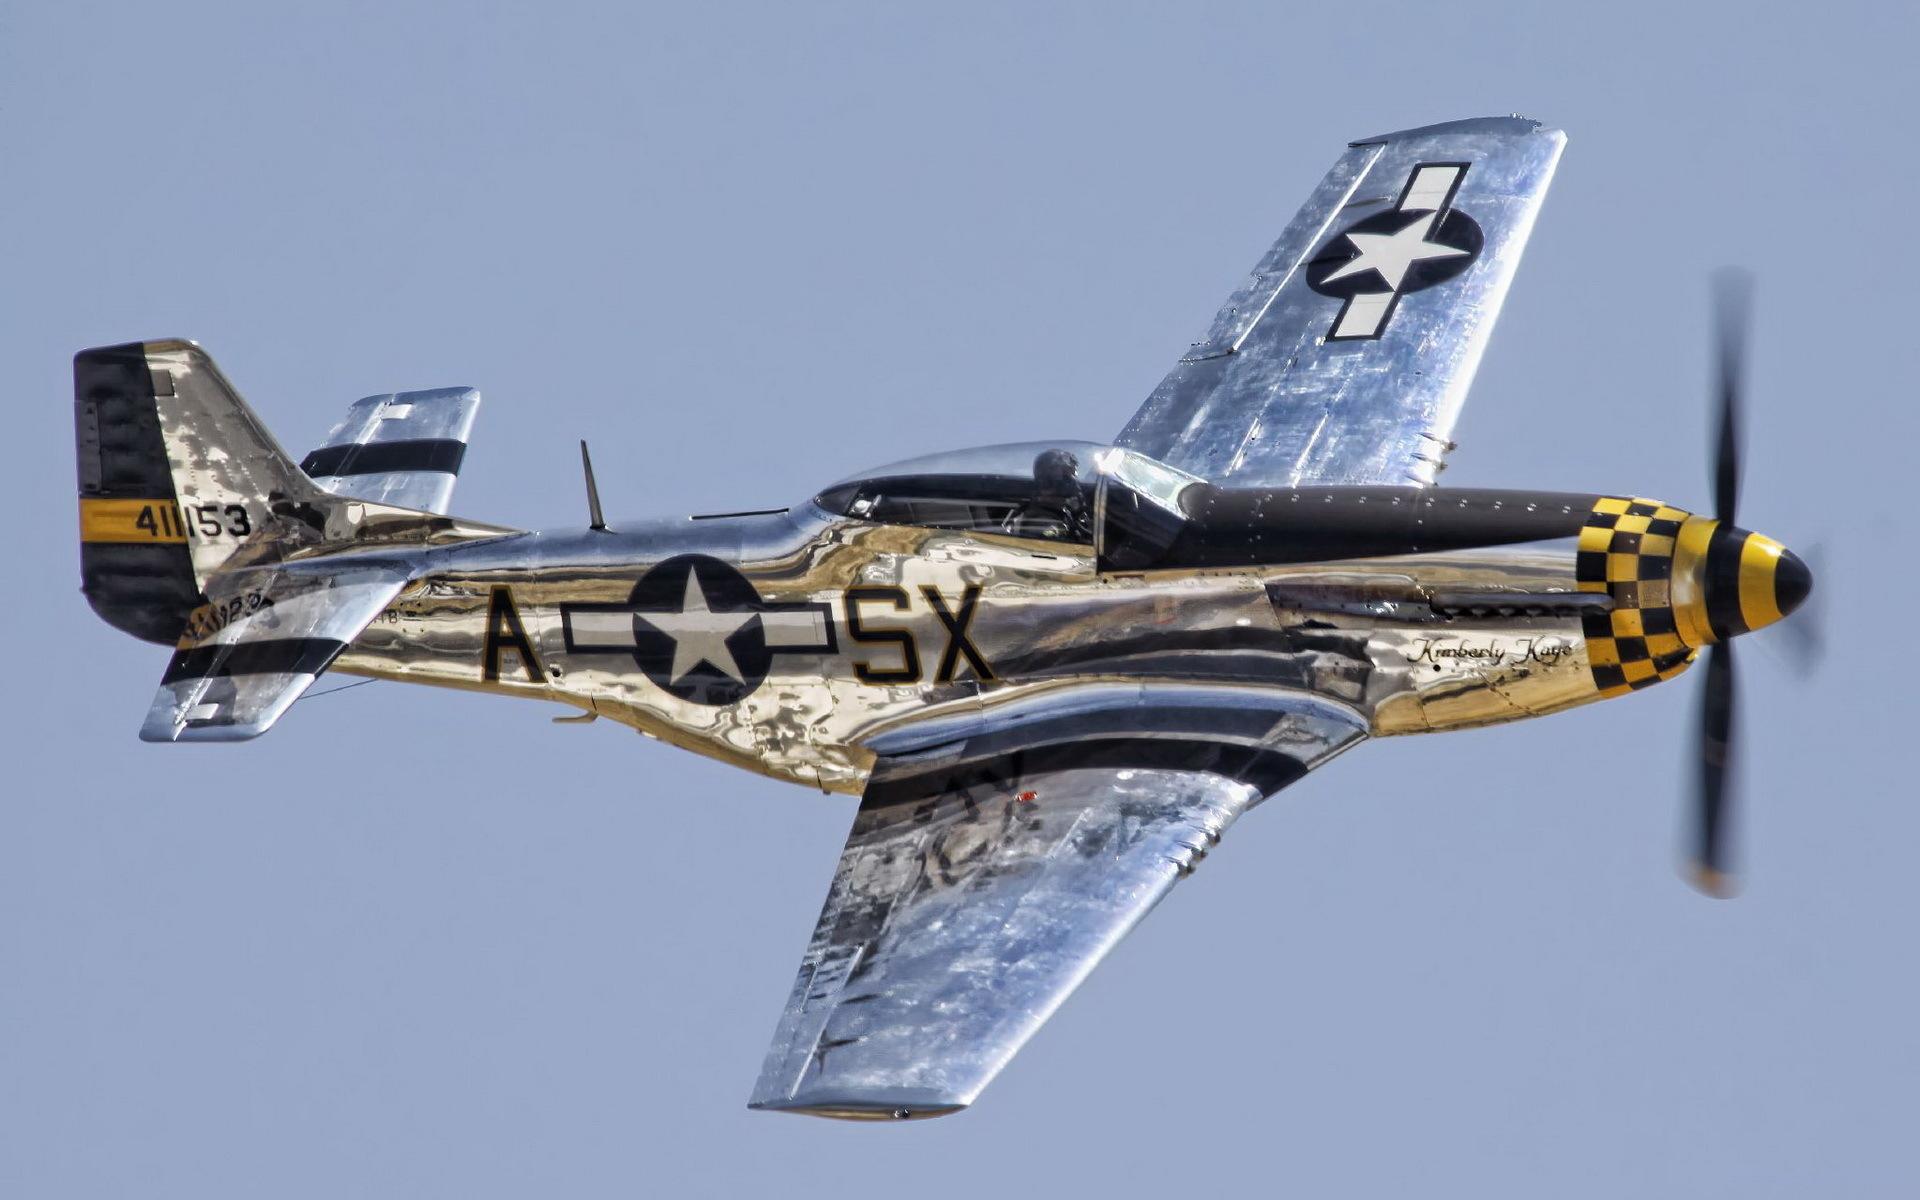 Два истребителя North American P-51 Mustang бесплатно